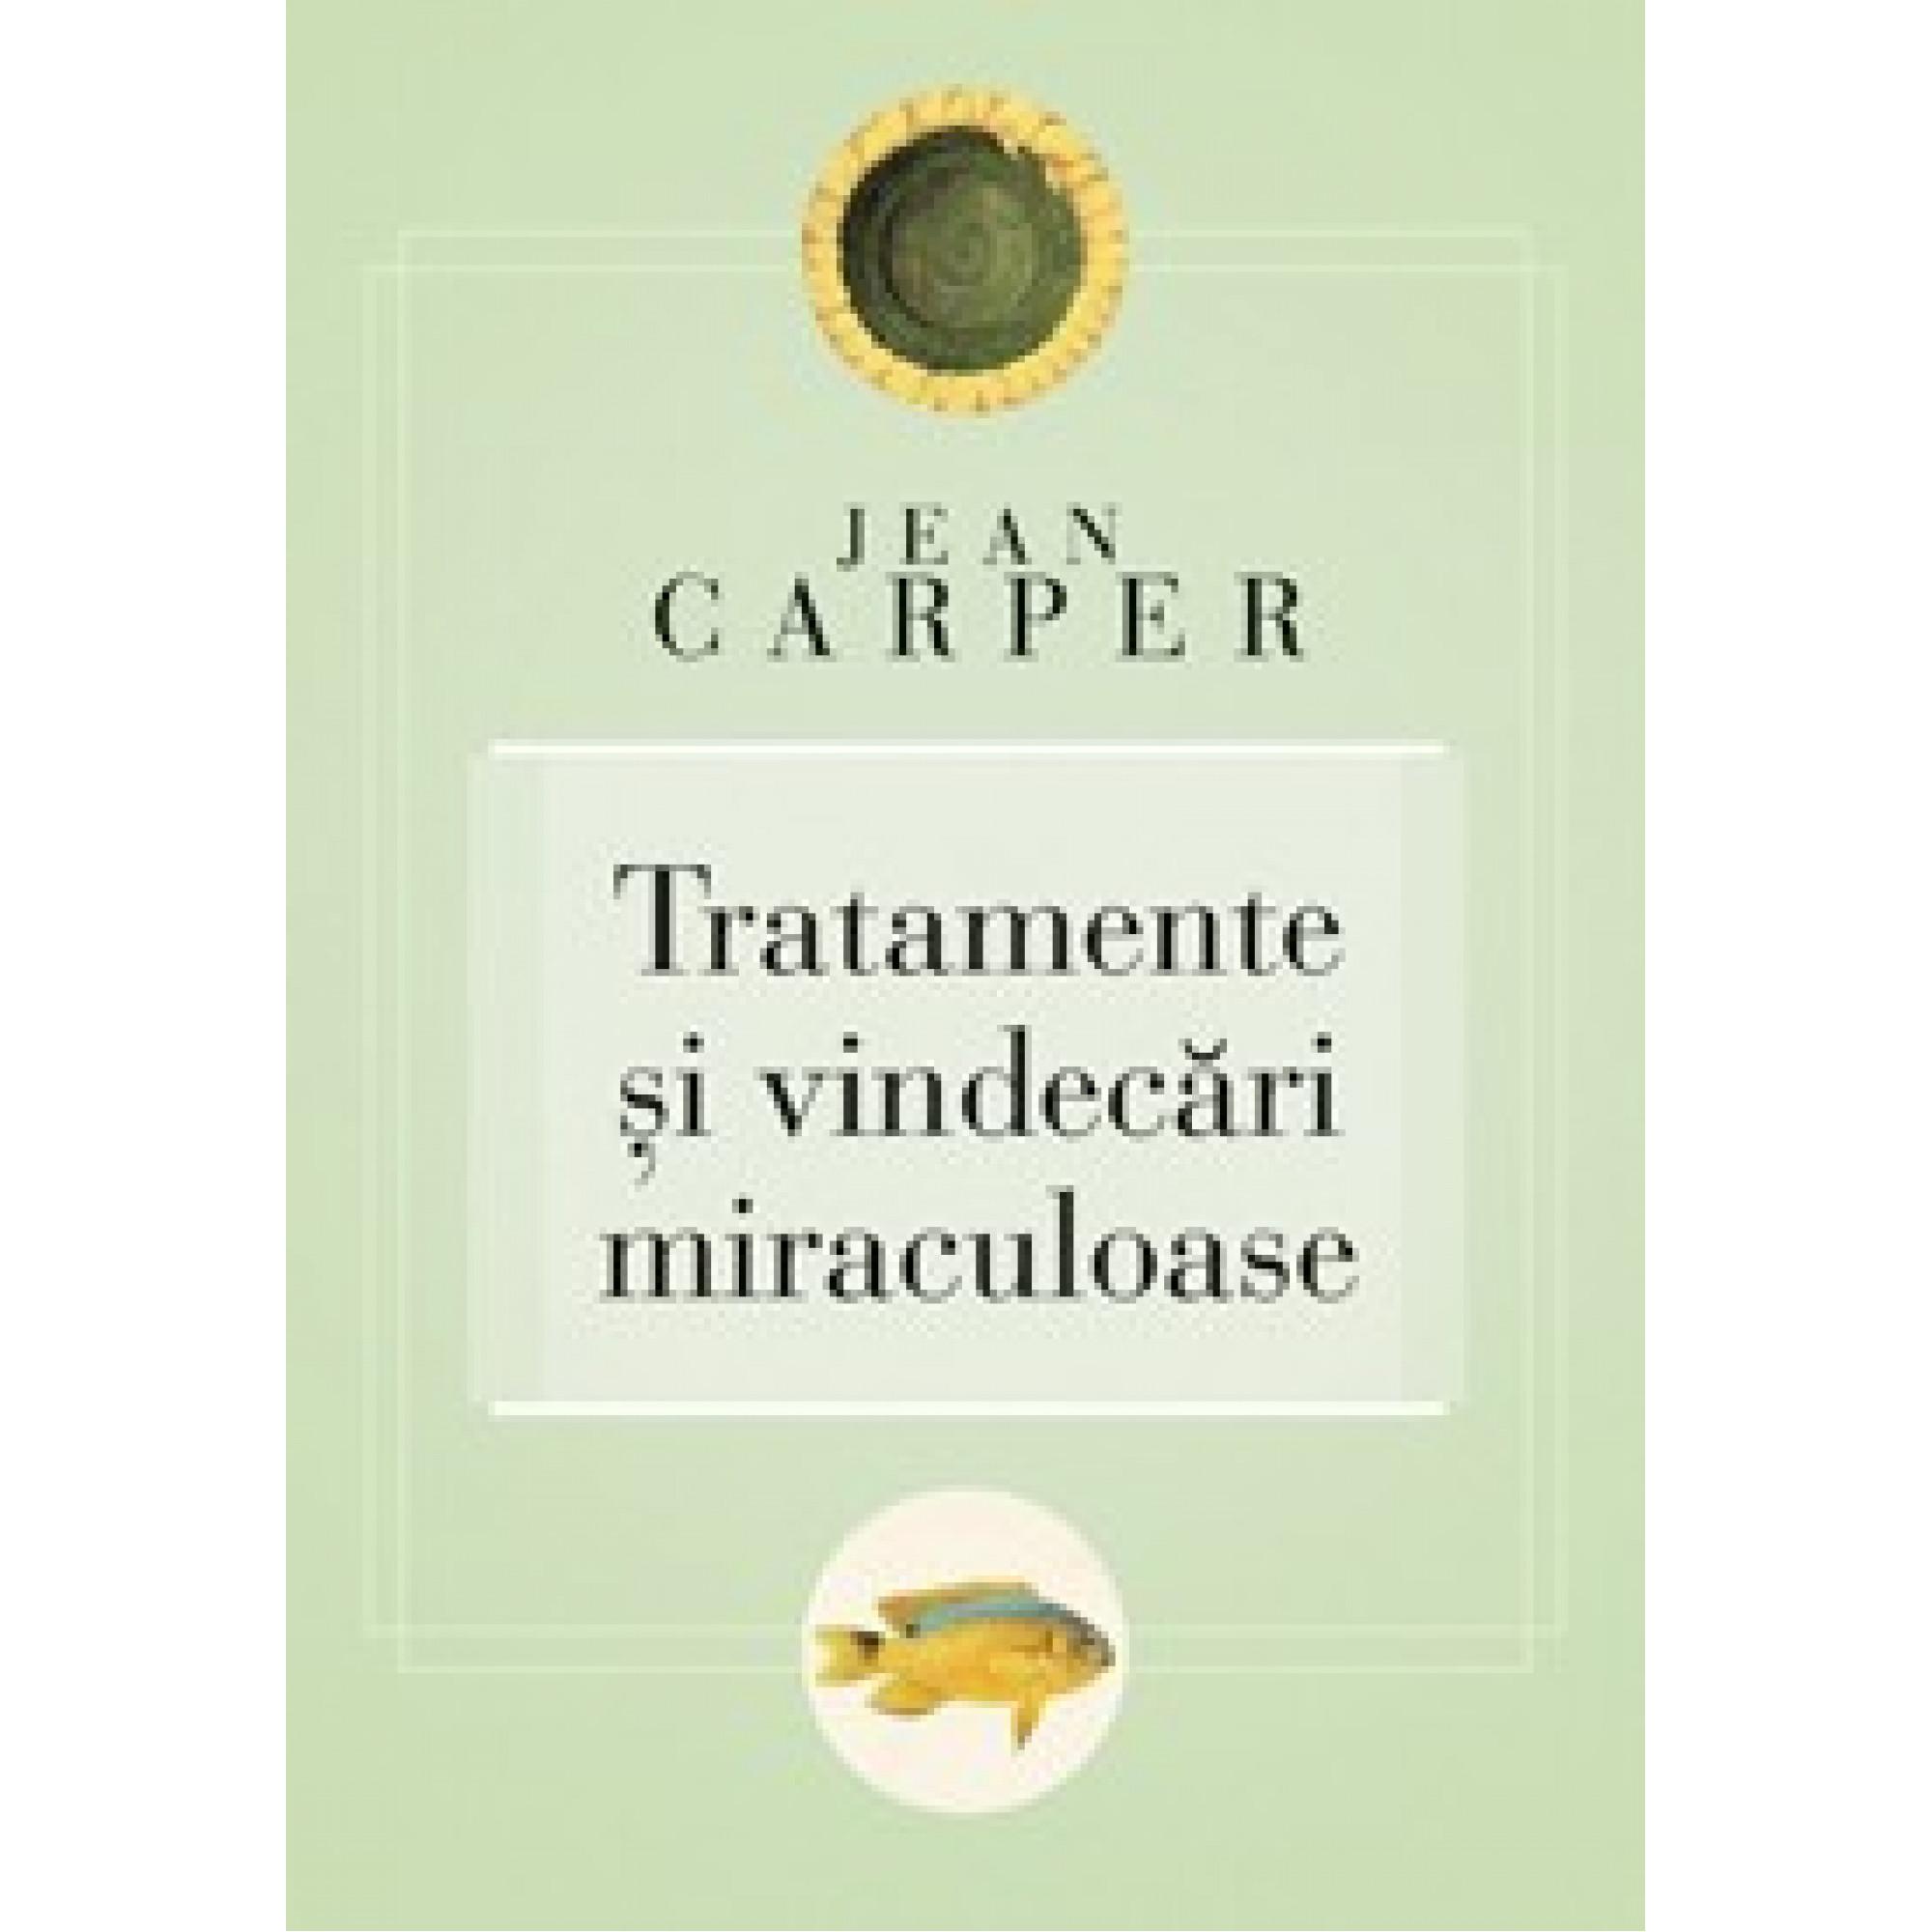 Tratamente şi vindecări miraculoase; Jean Carper